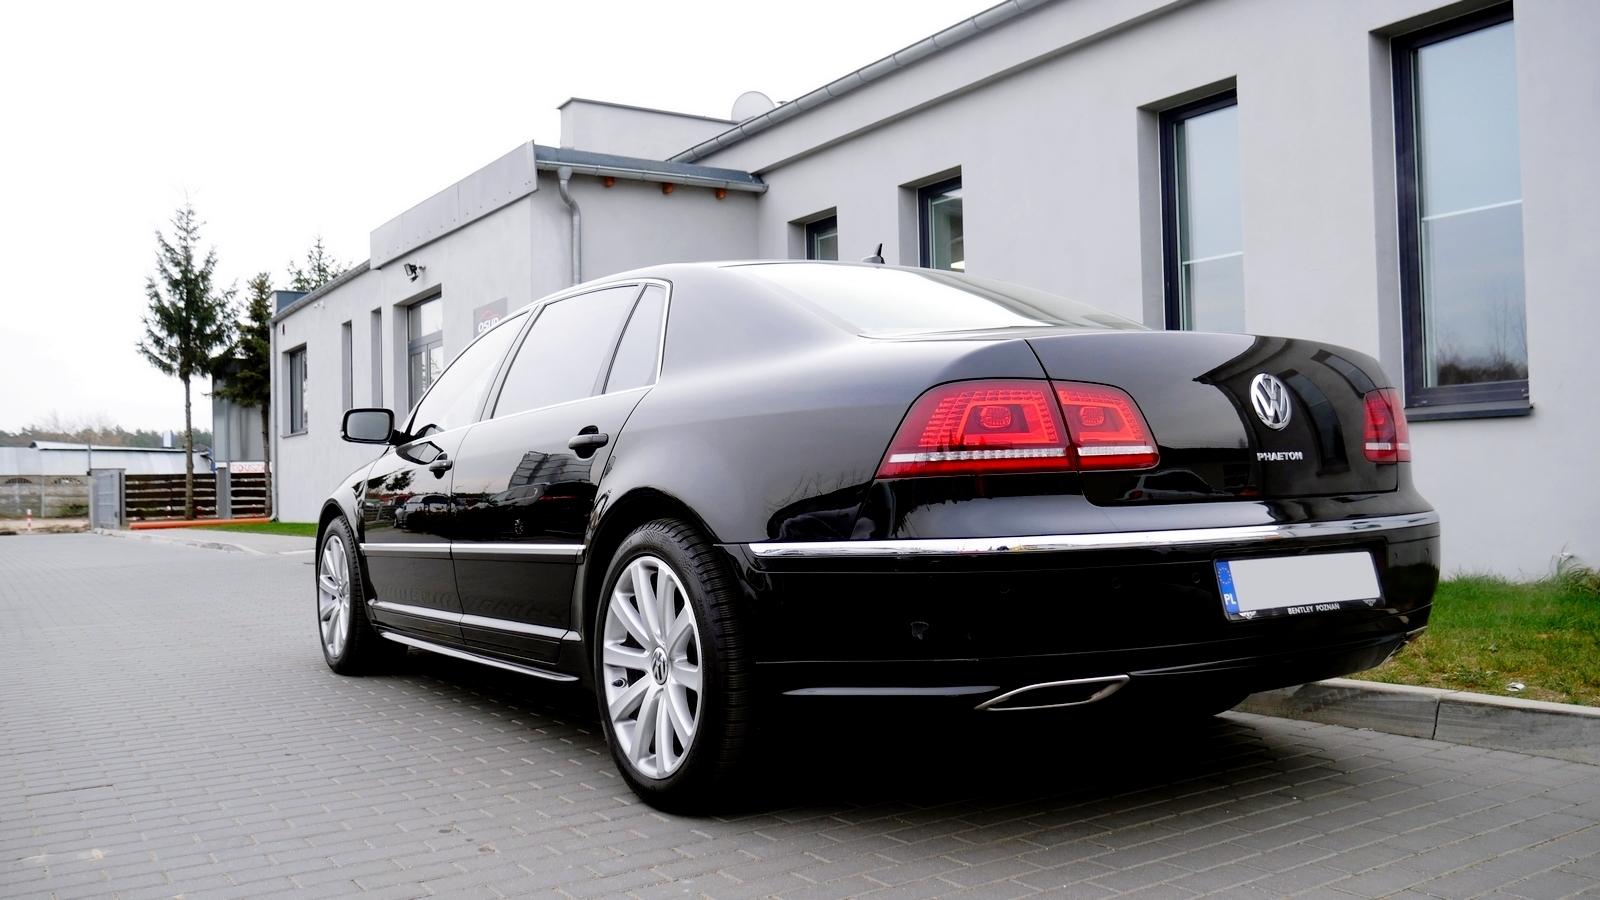 VW Phaeton Maxhaust